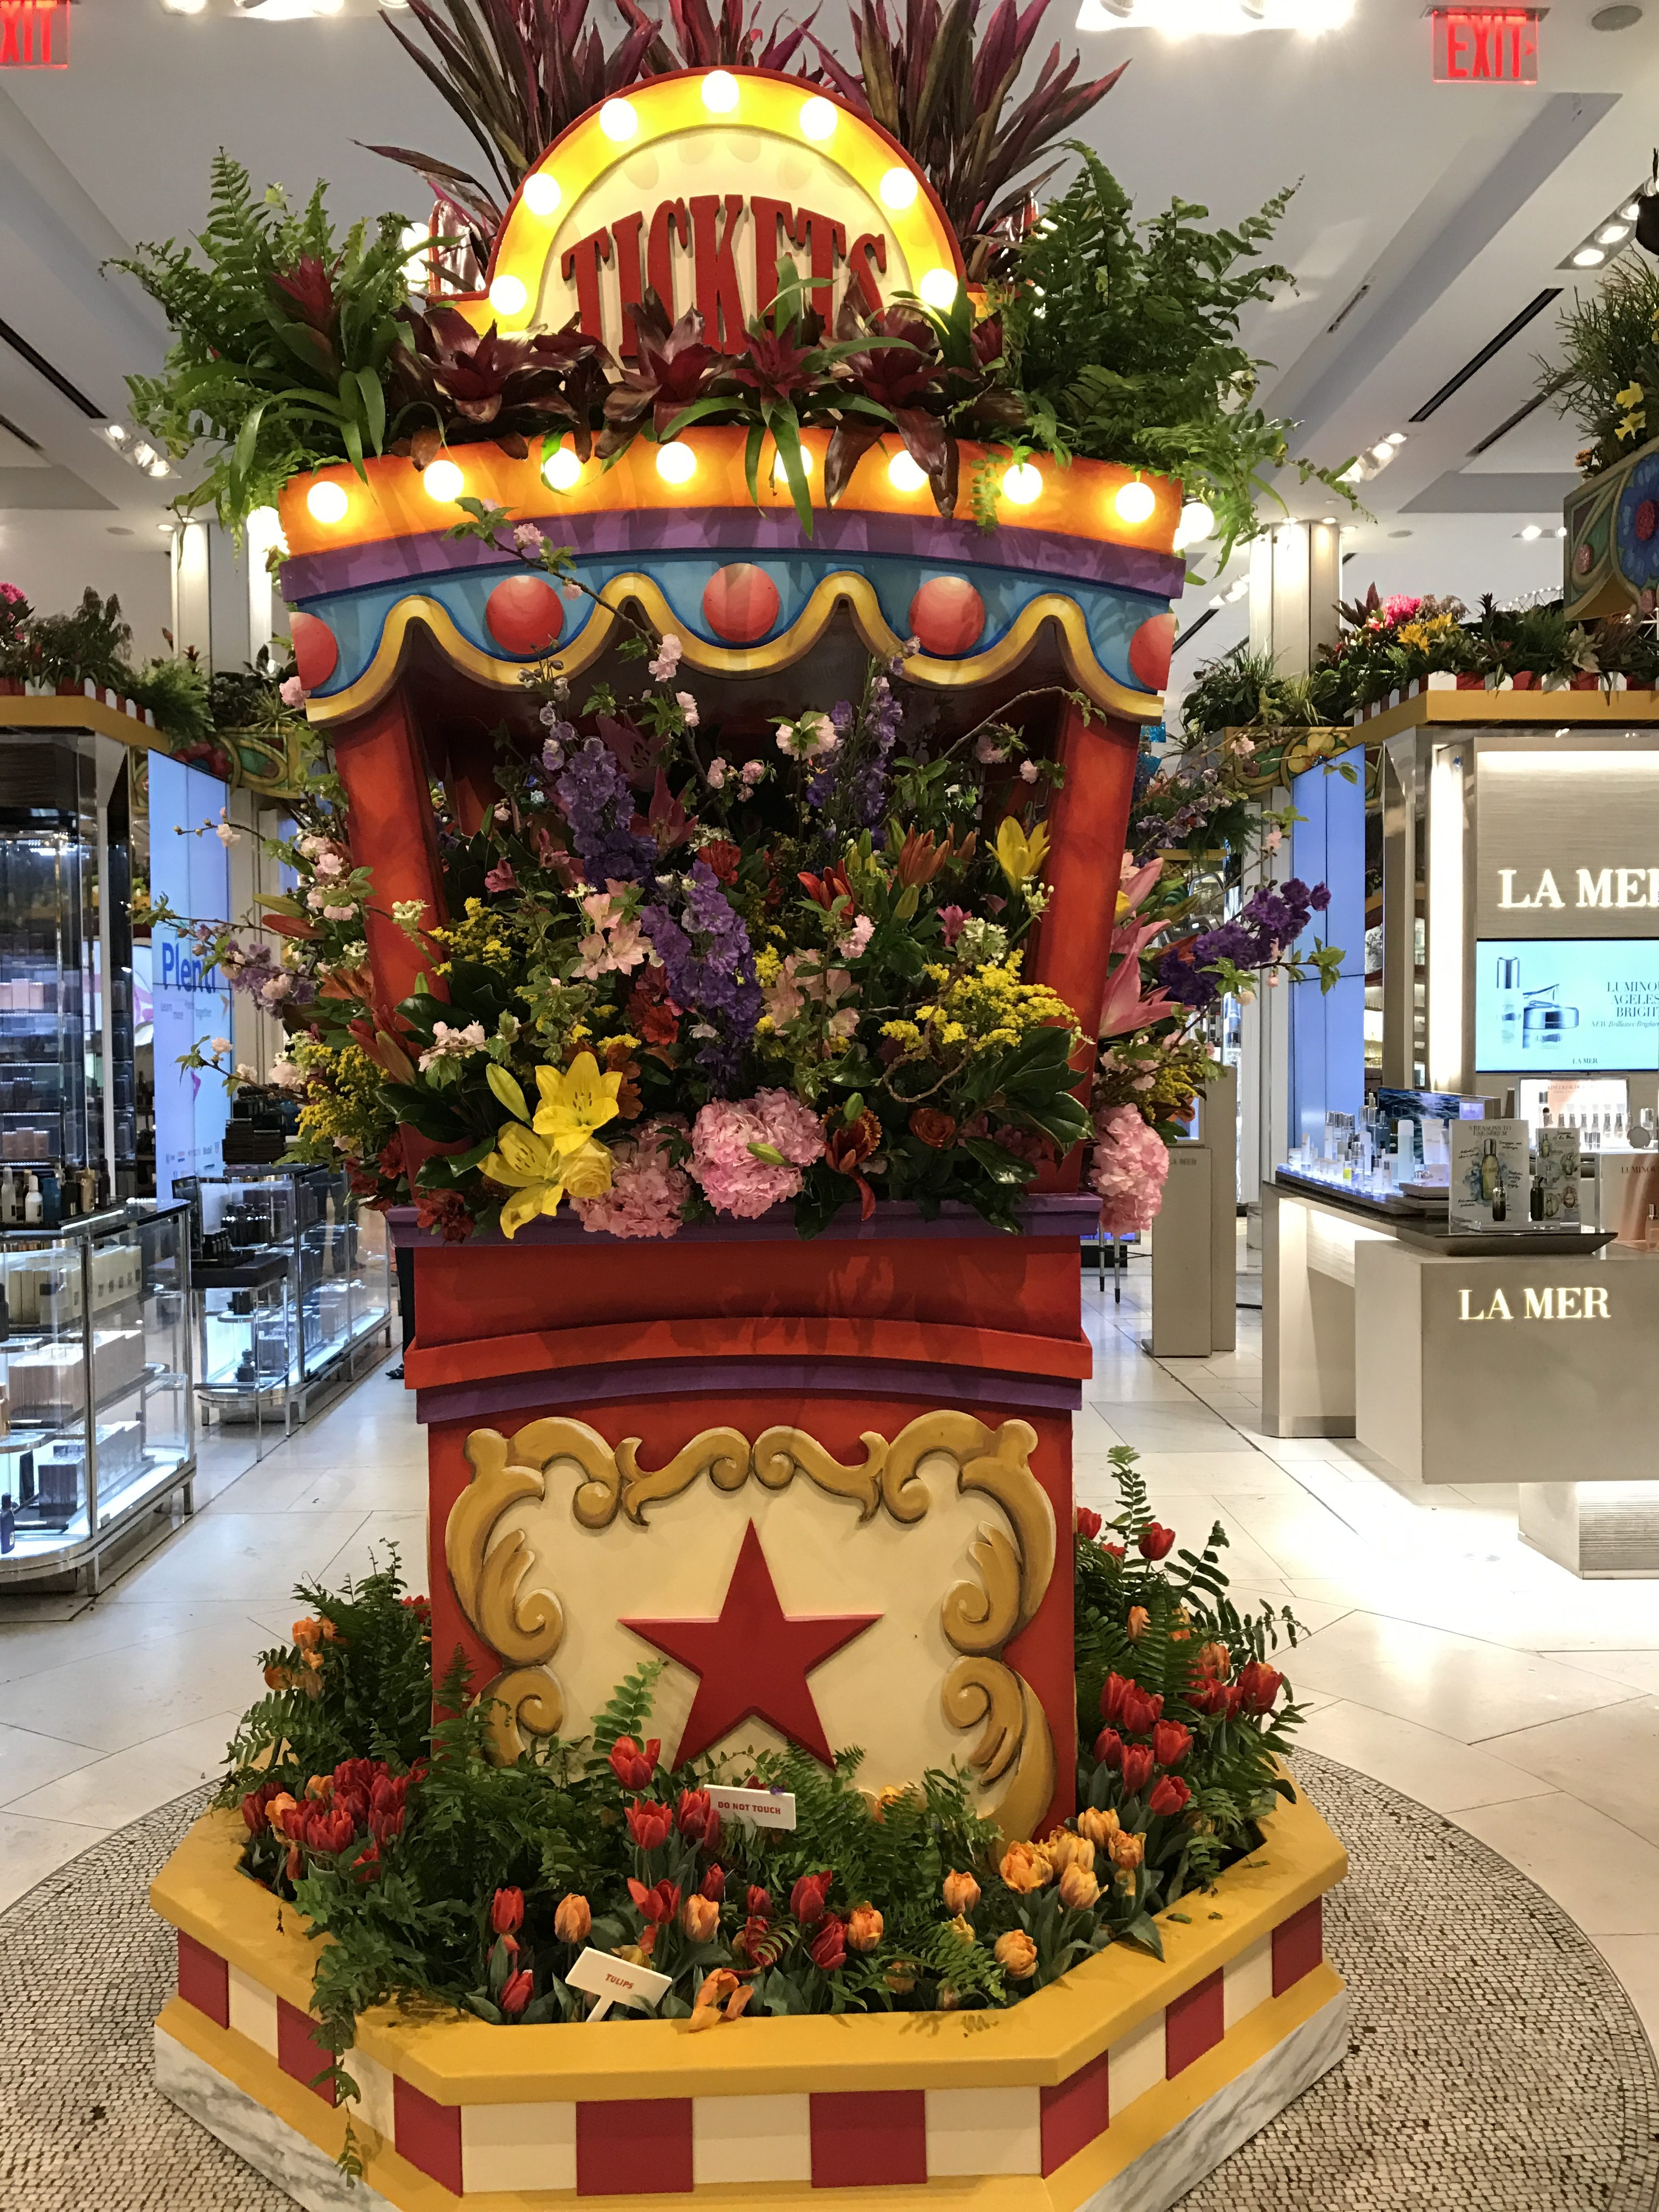 Macy s Flower Show w Linky Macys MacysFlowerShow travel NYC Gay N